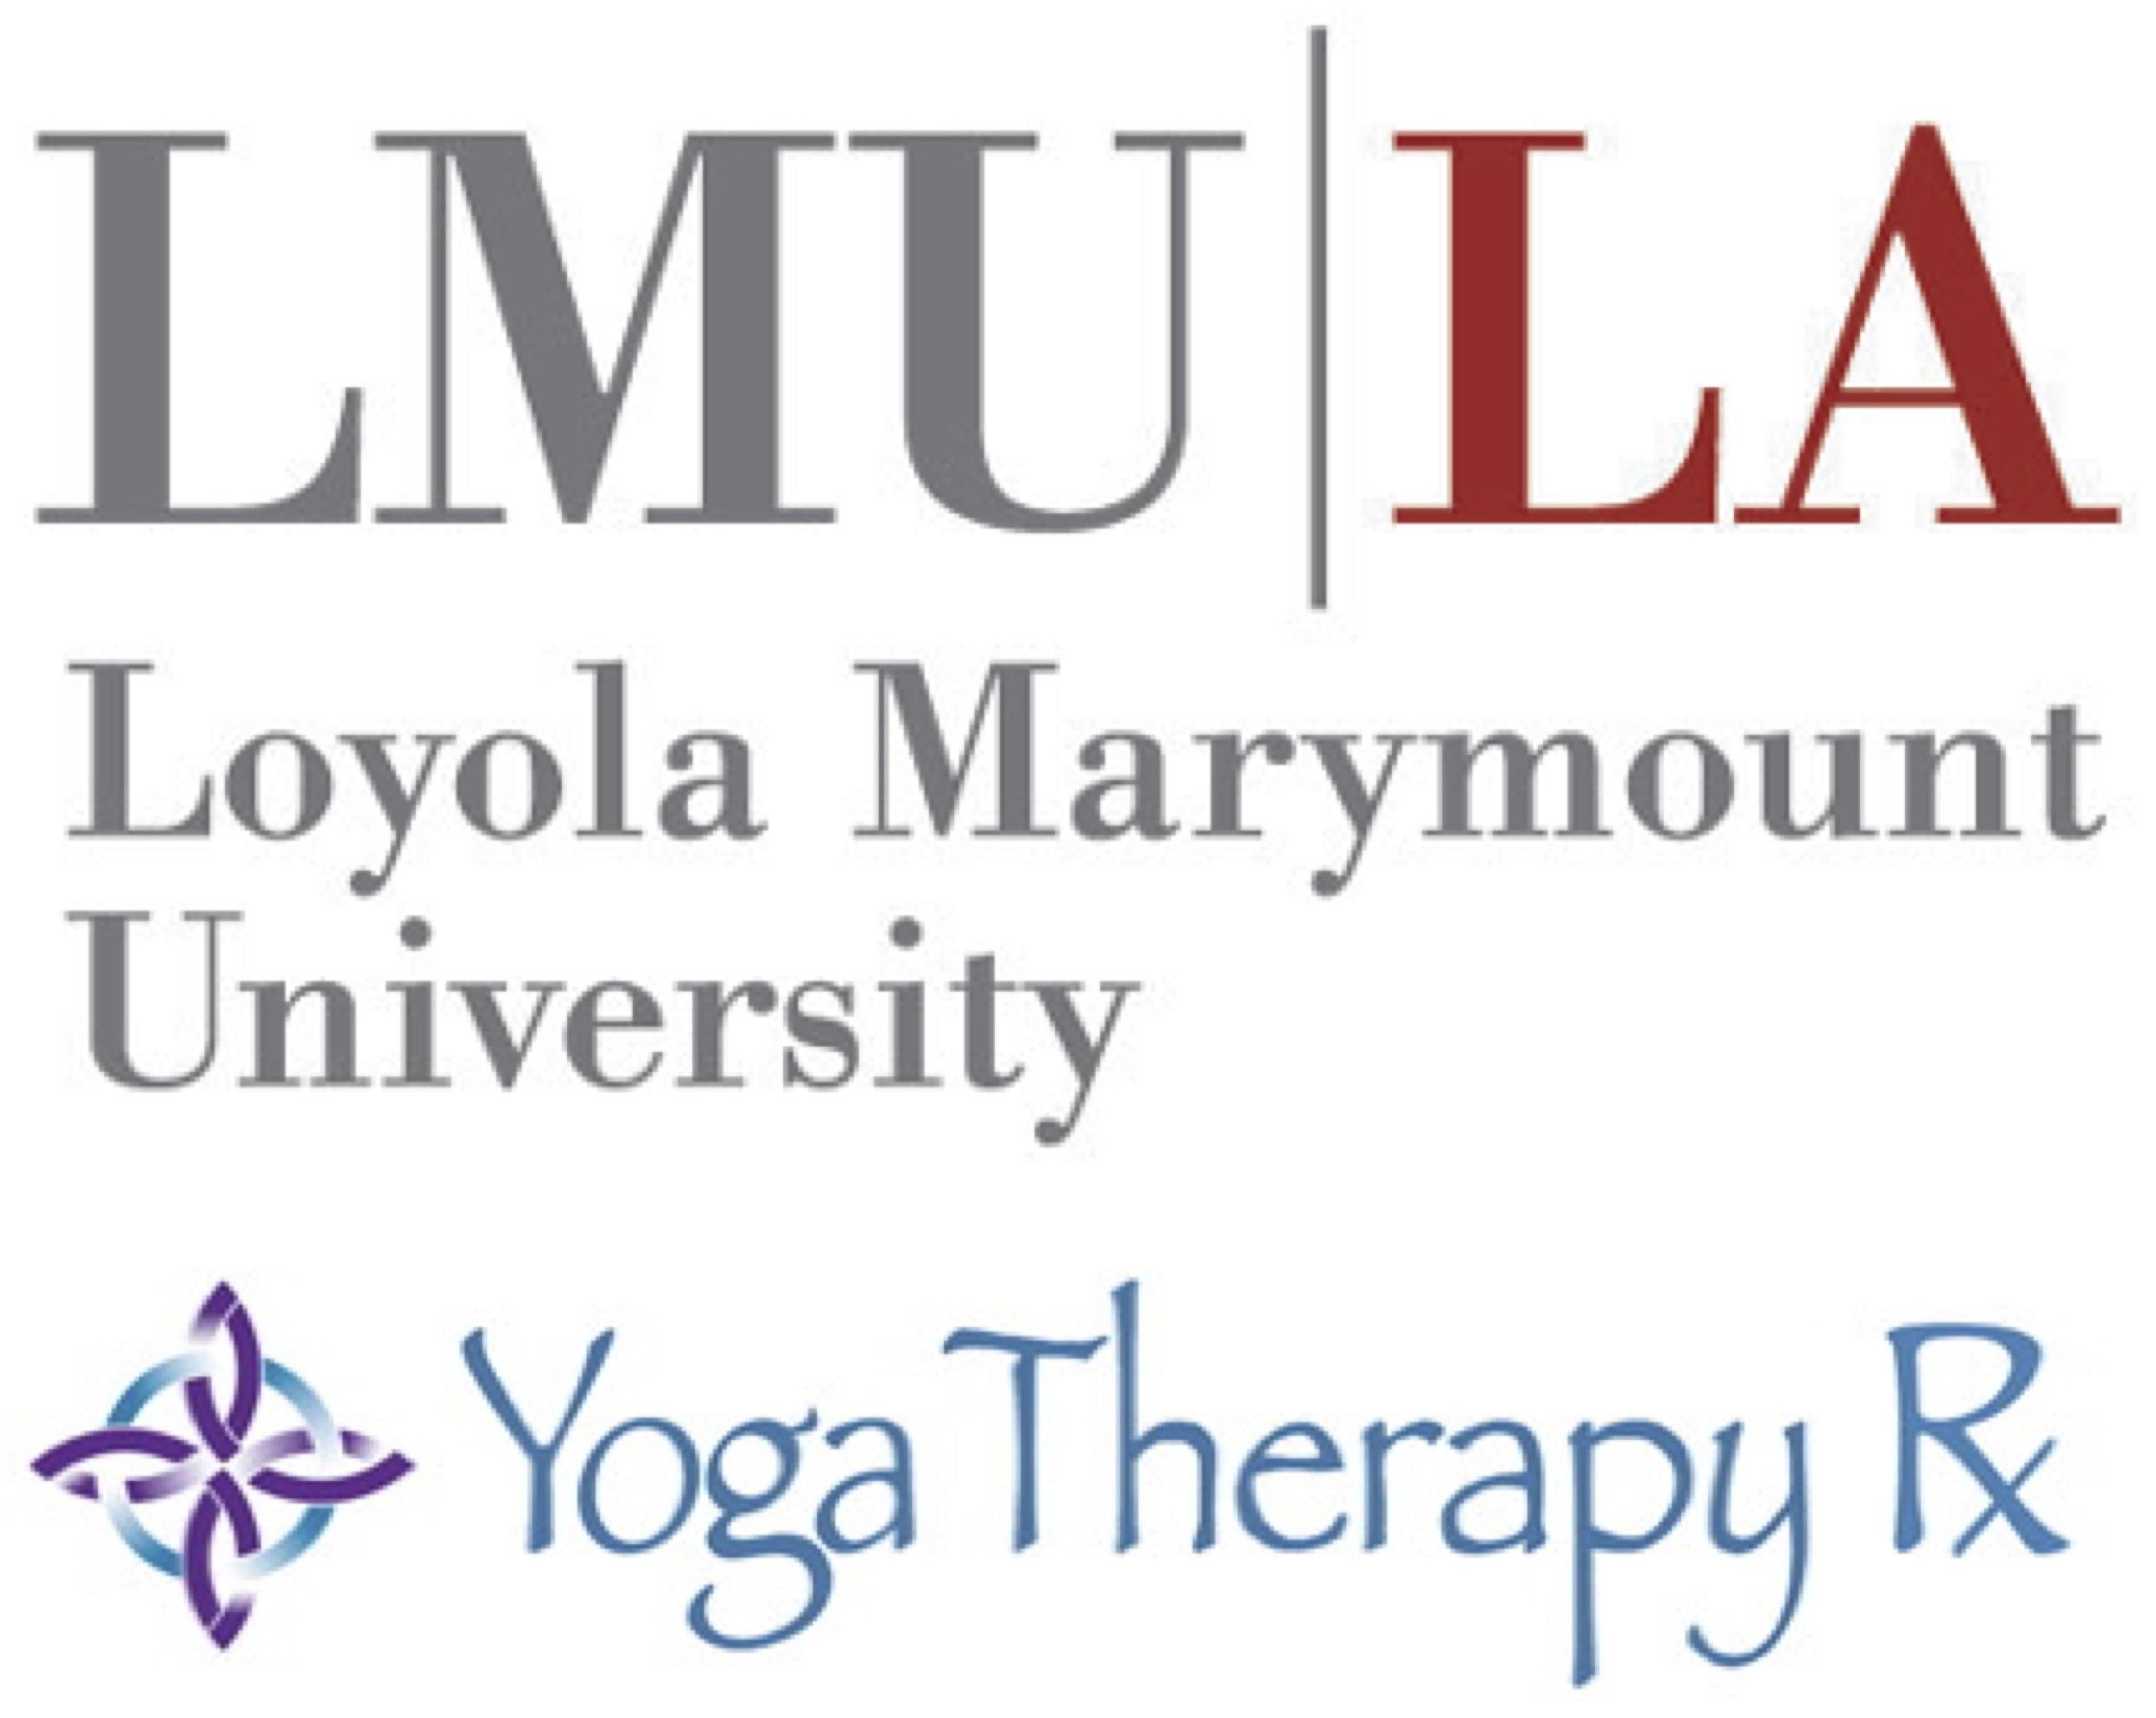 LMU_LA_logo.png